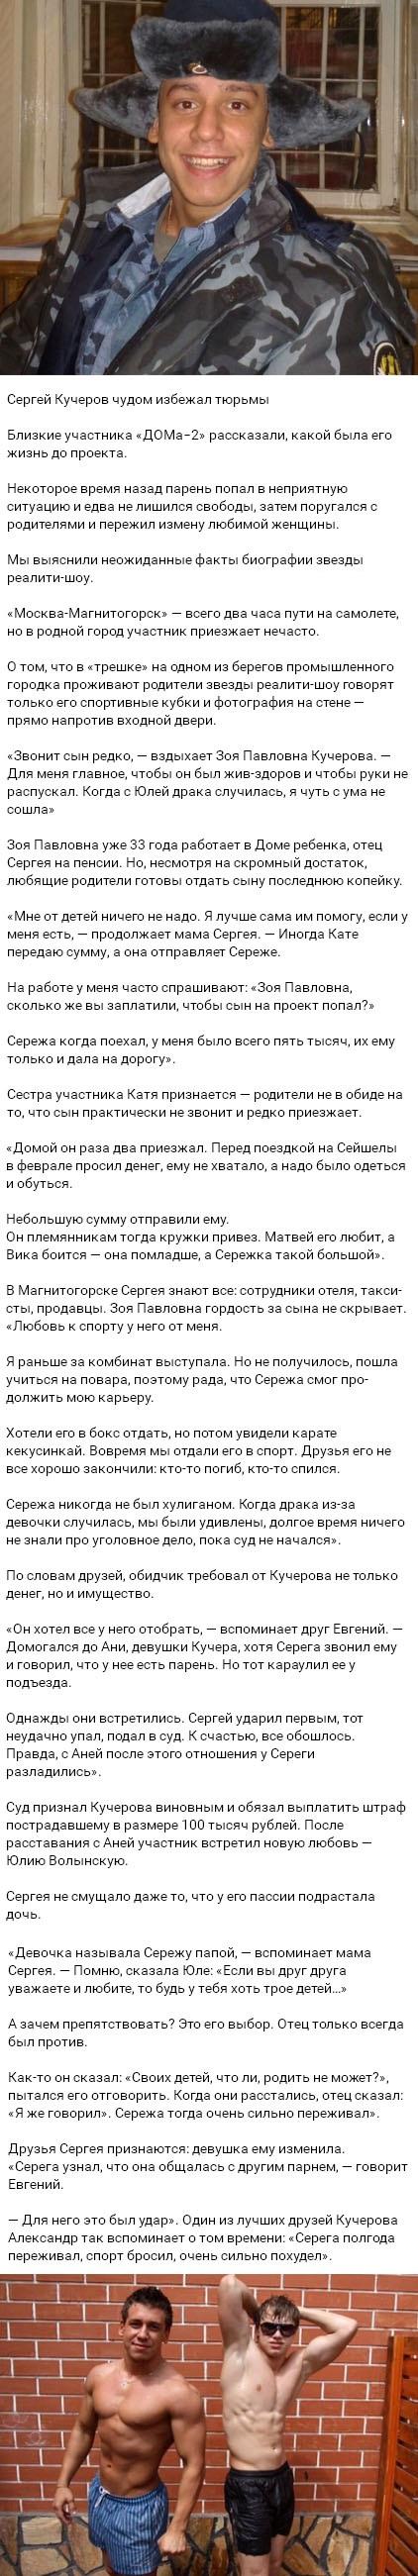 На Сергея Кучерова было заведено уголовное дело